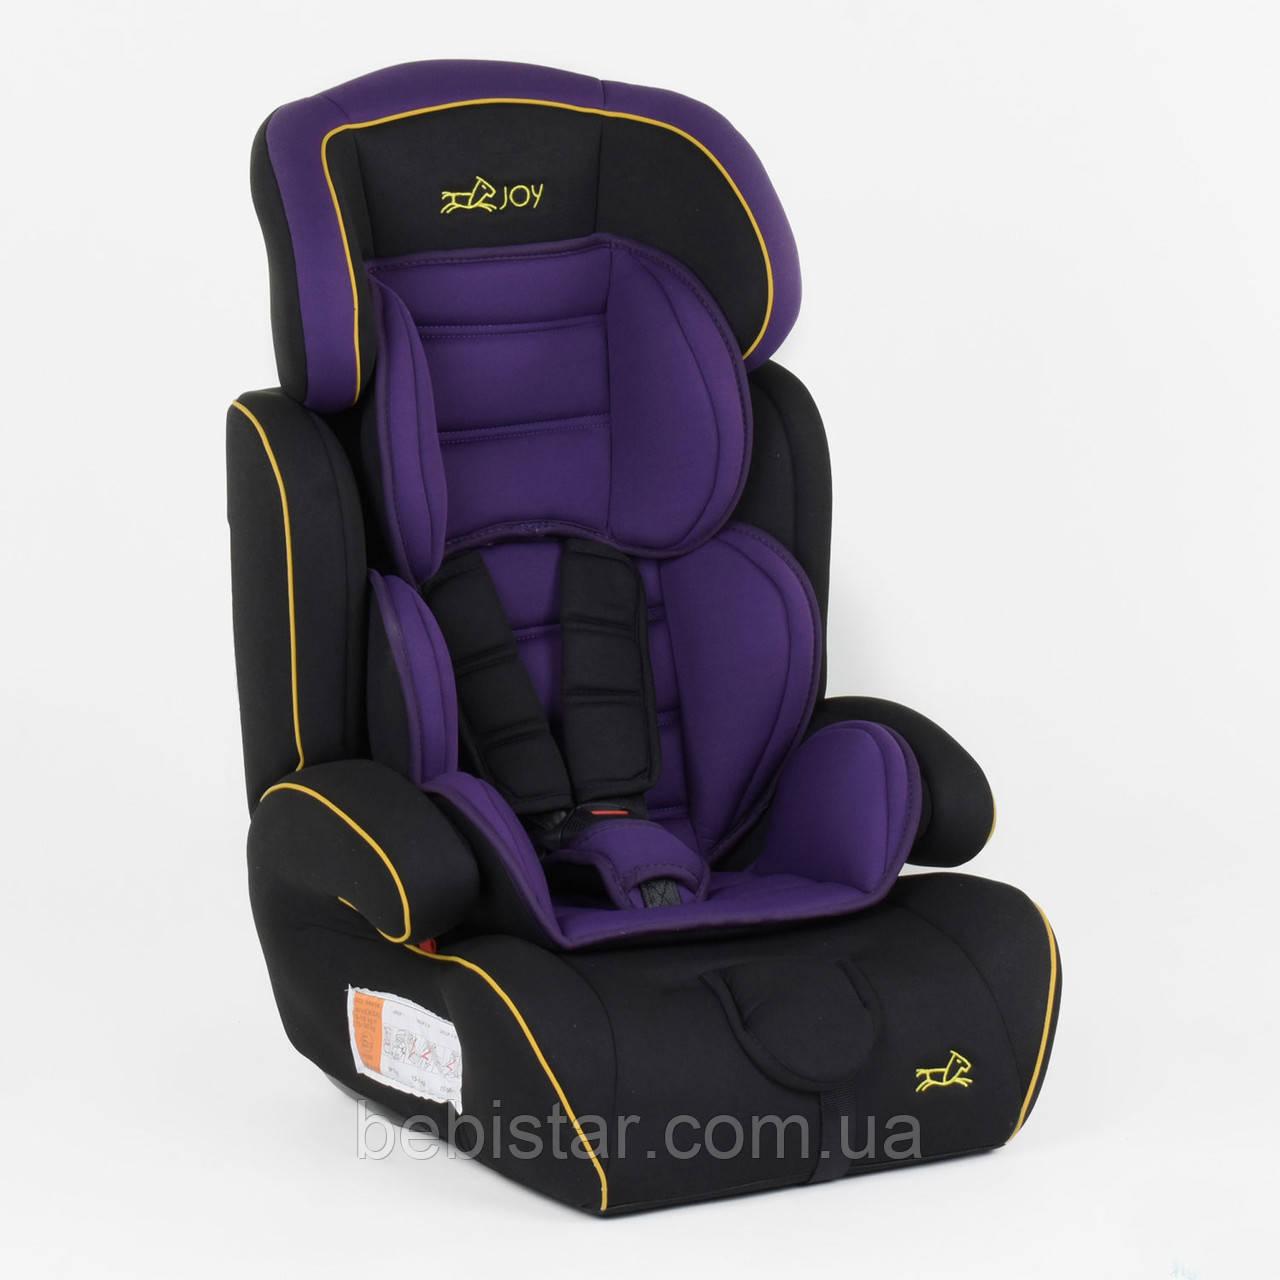 Детское автокресло черное с фиолетовым вкладышем JOY от 1 года до 12 лет